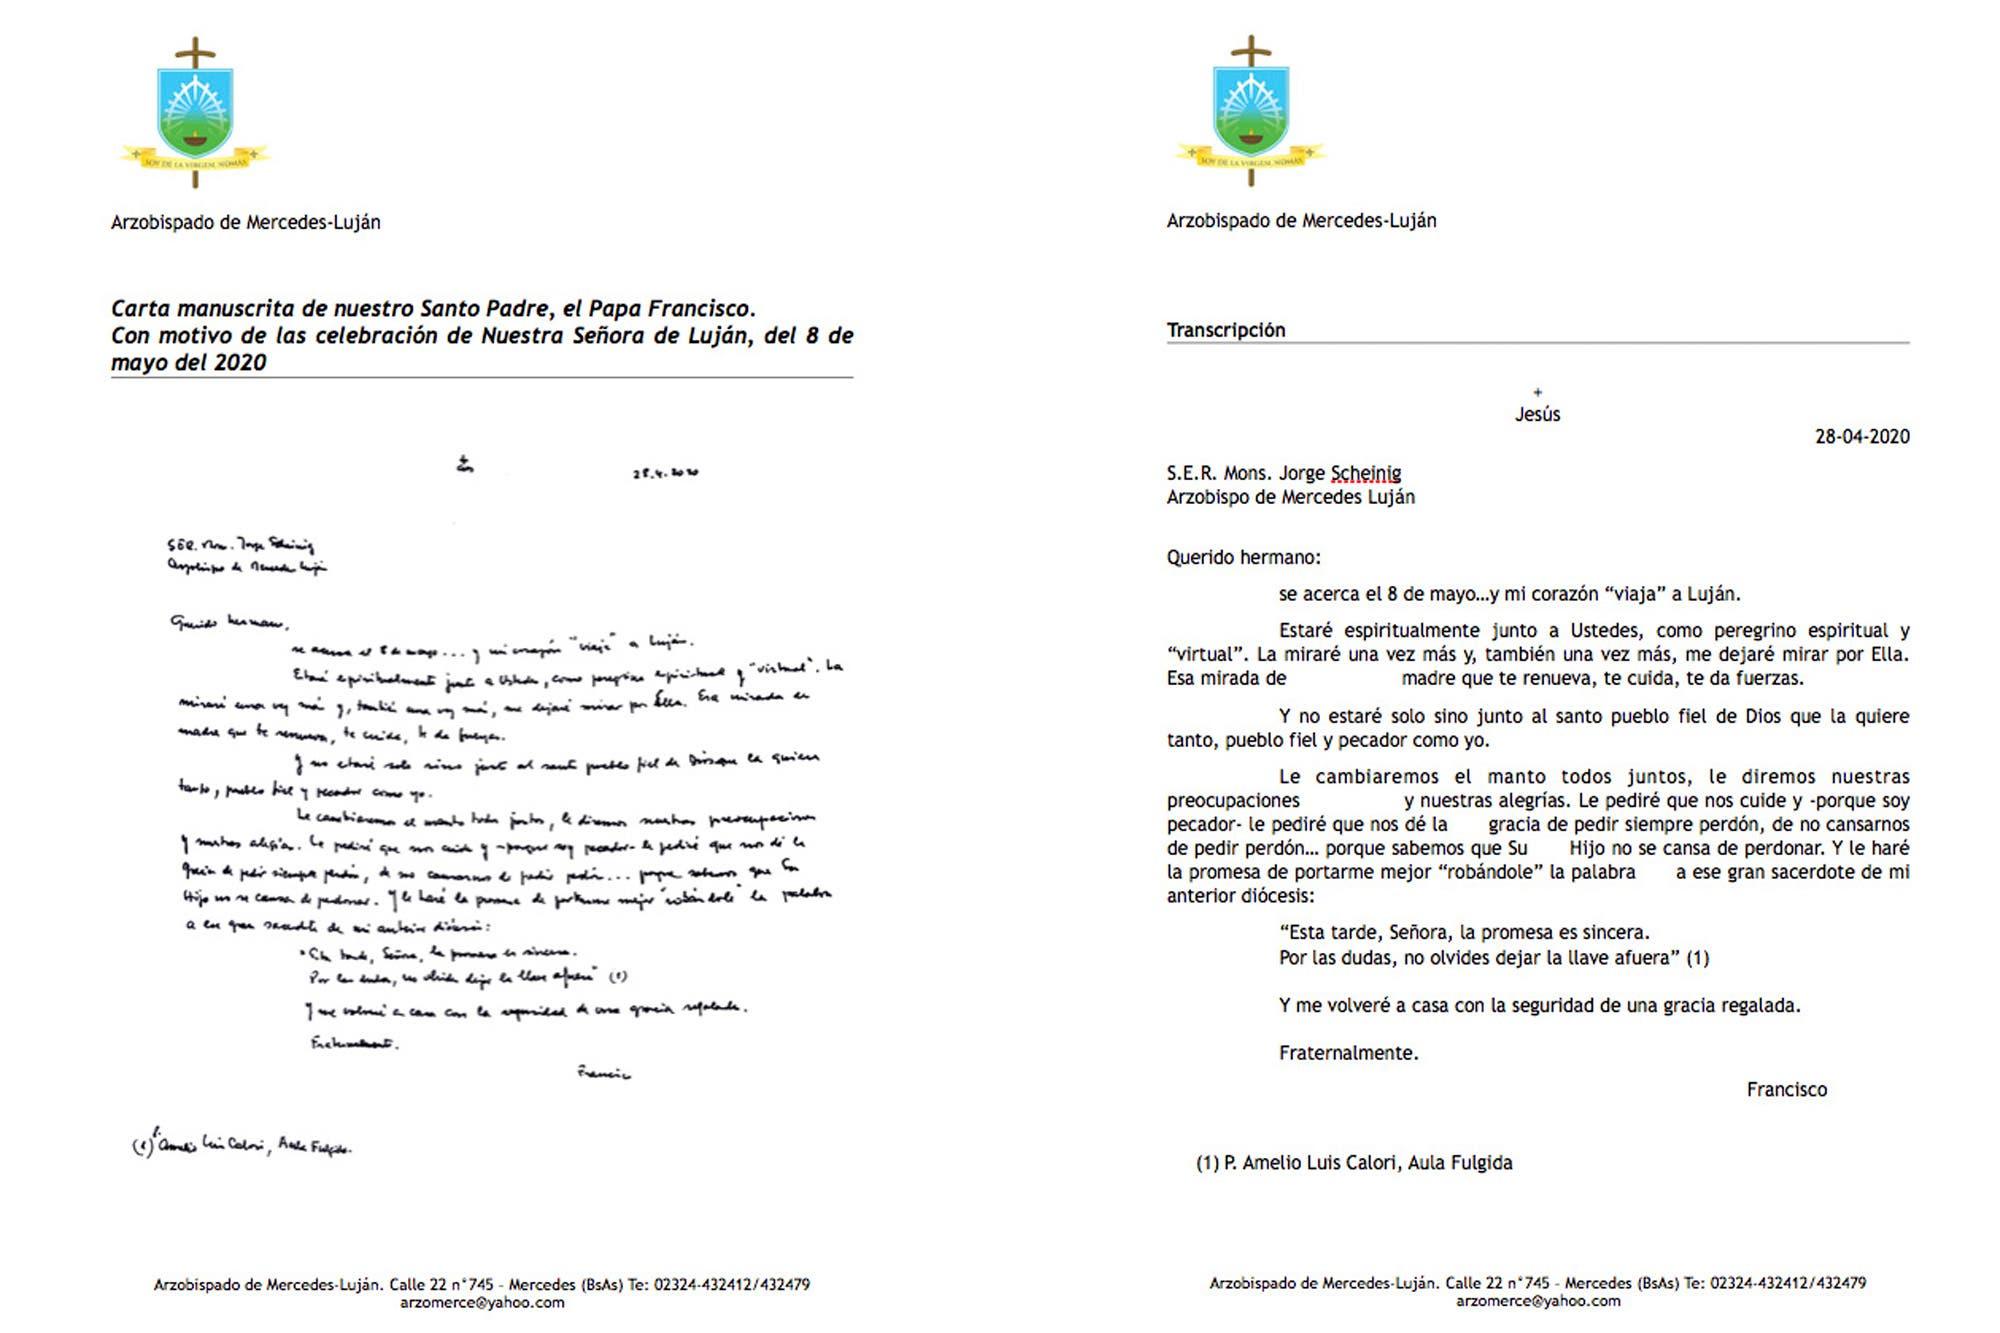 Coronavirus en la Argentina: Francisco envió una carta a los obispos para unirse a la misa por la patria que se hará en Luján